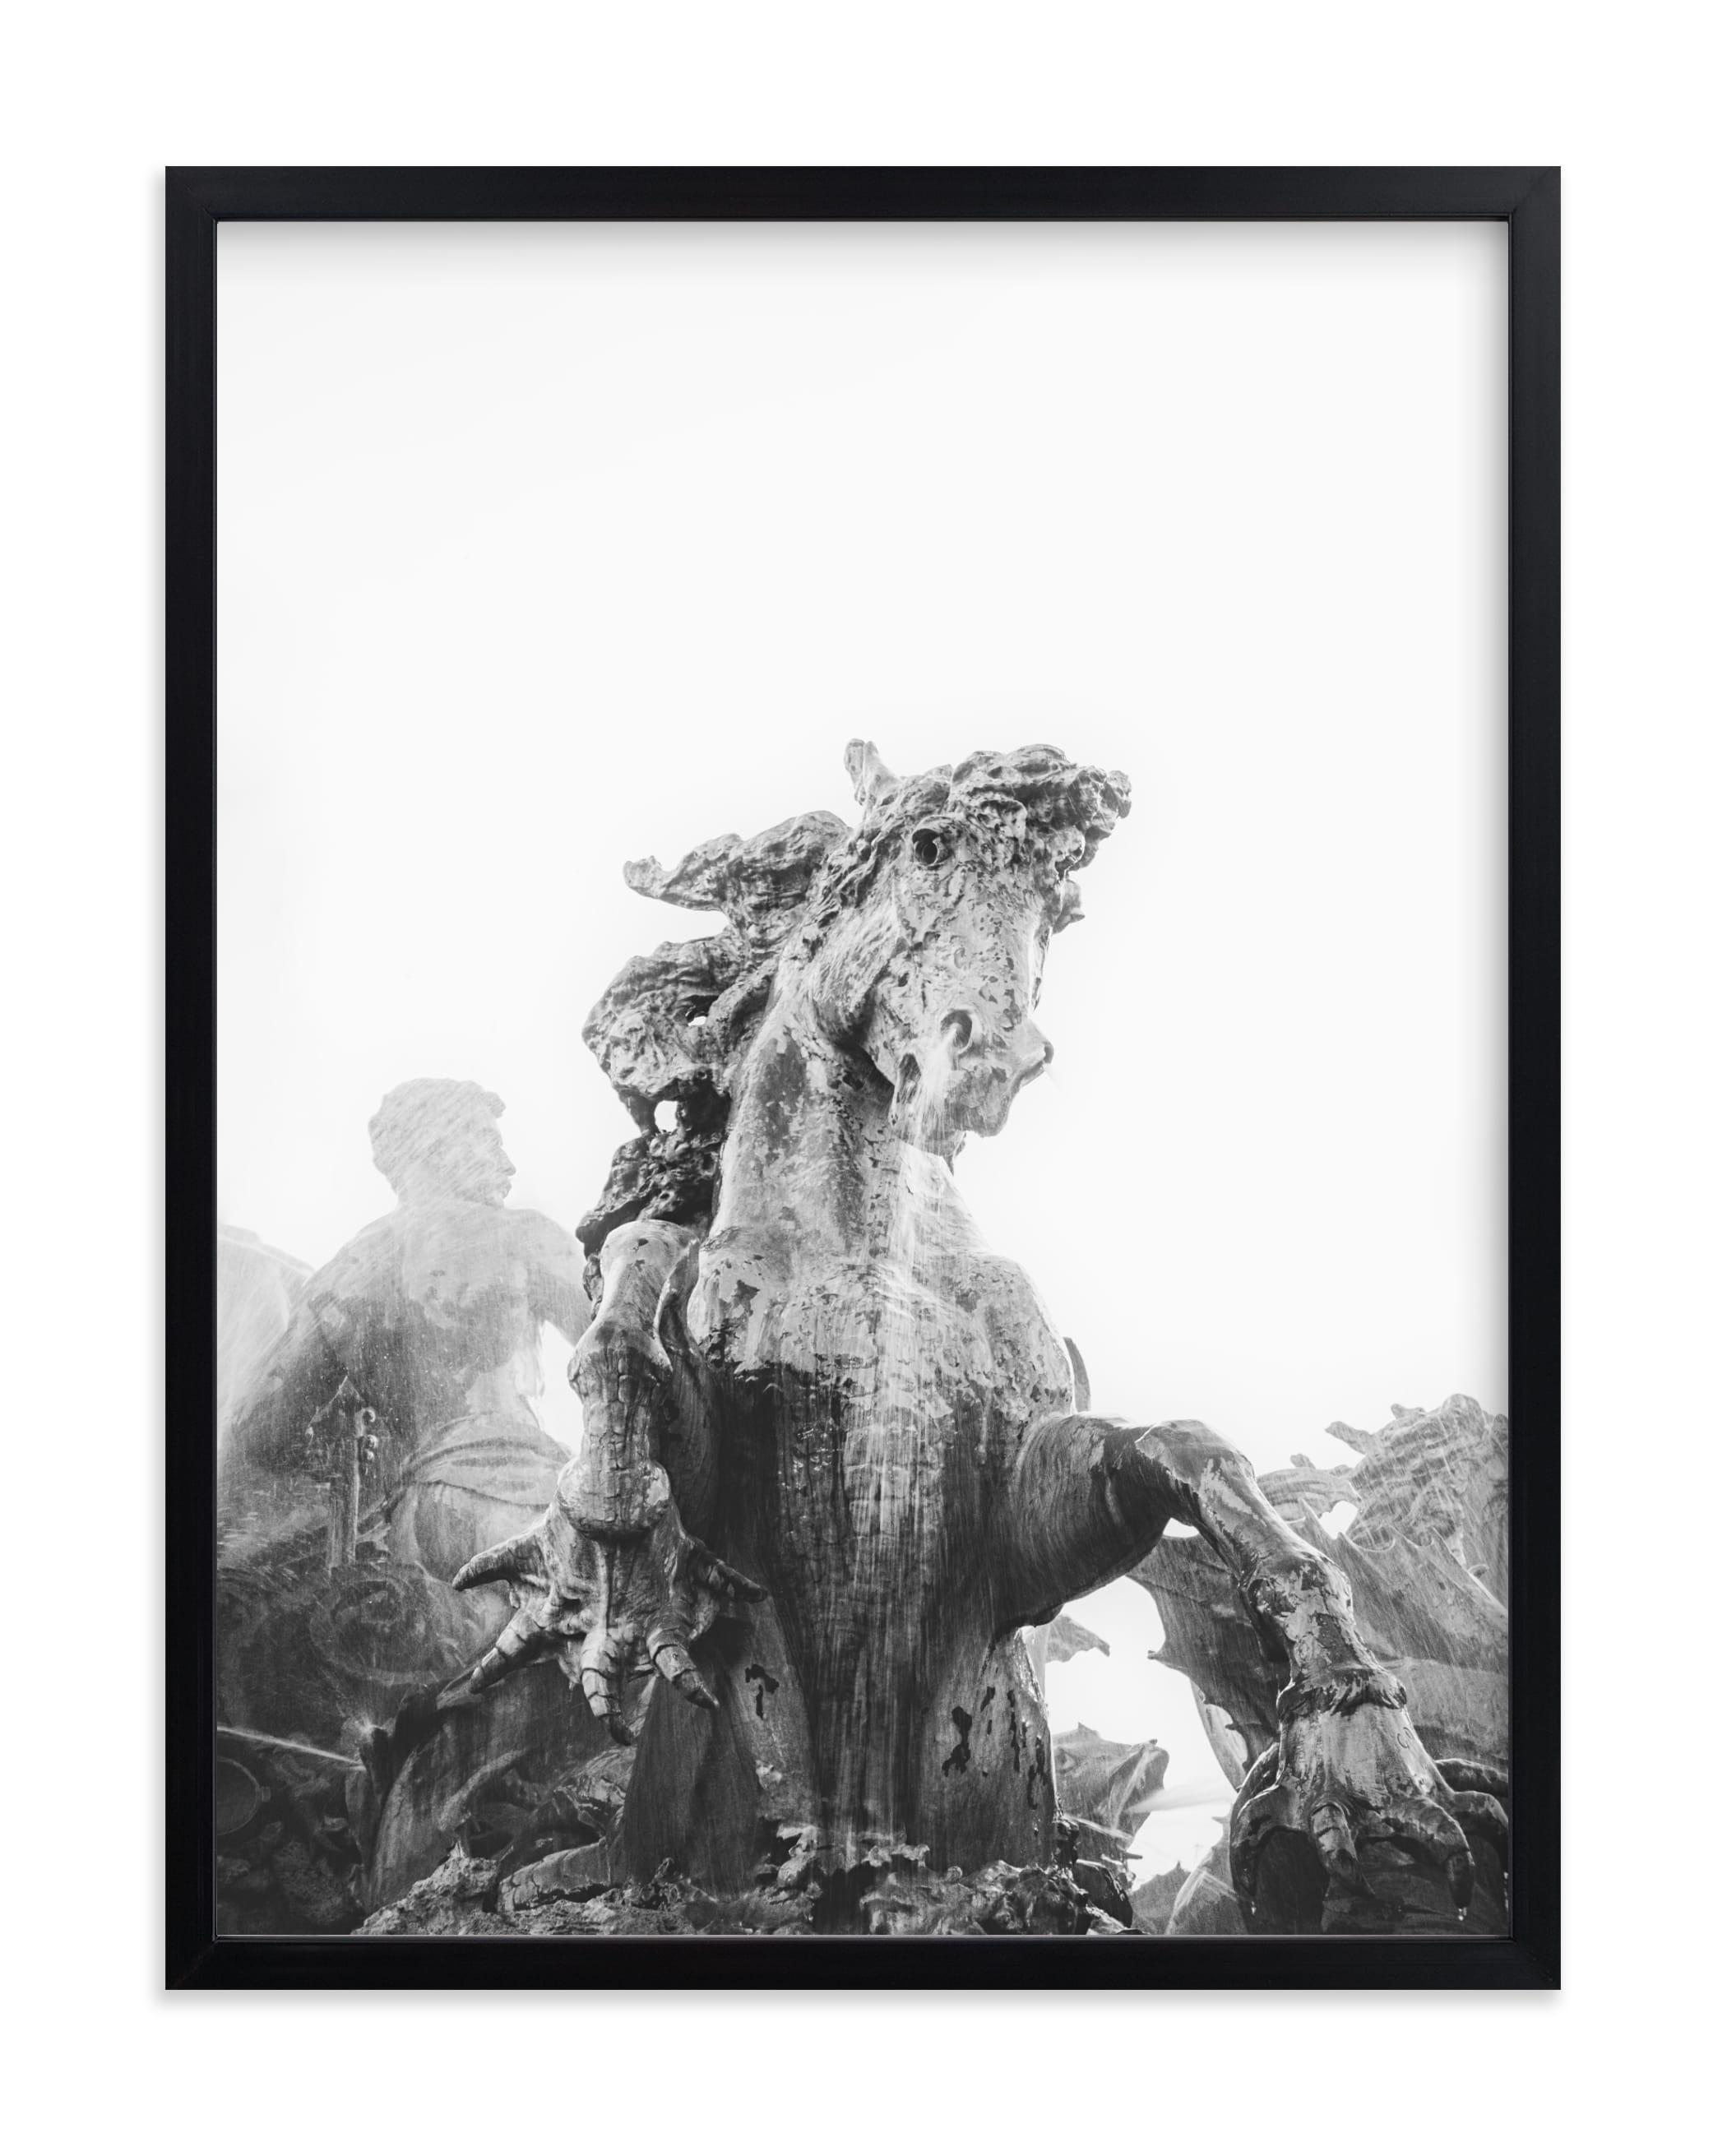 Fantastical creature, fountain Wall Art Print